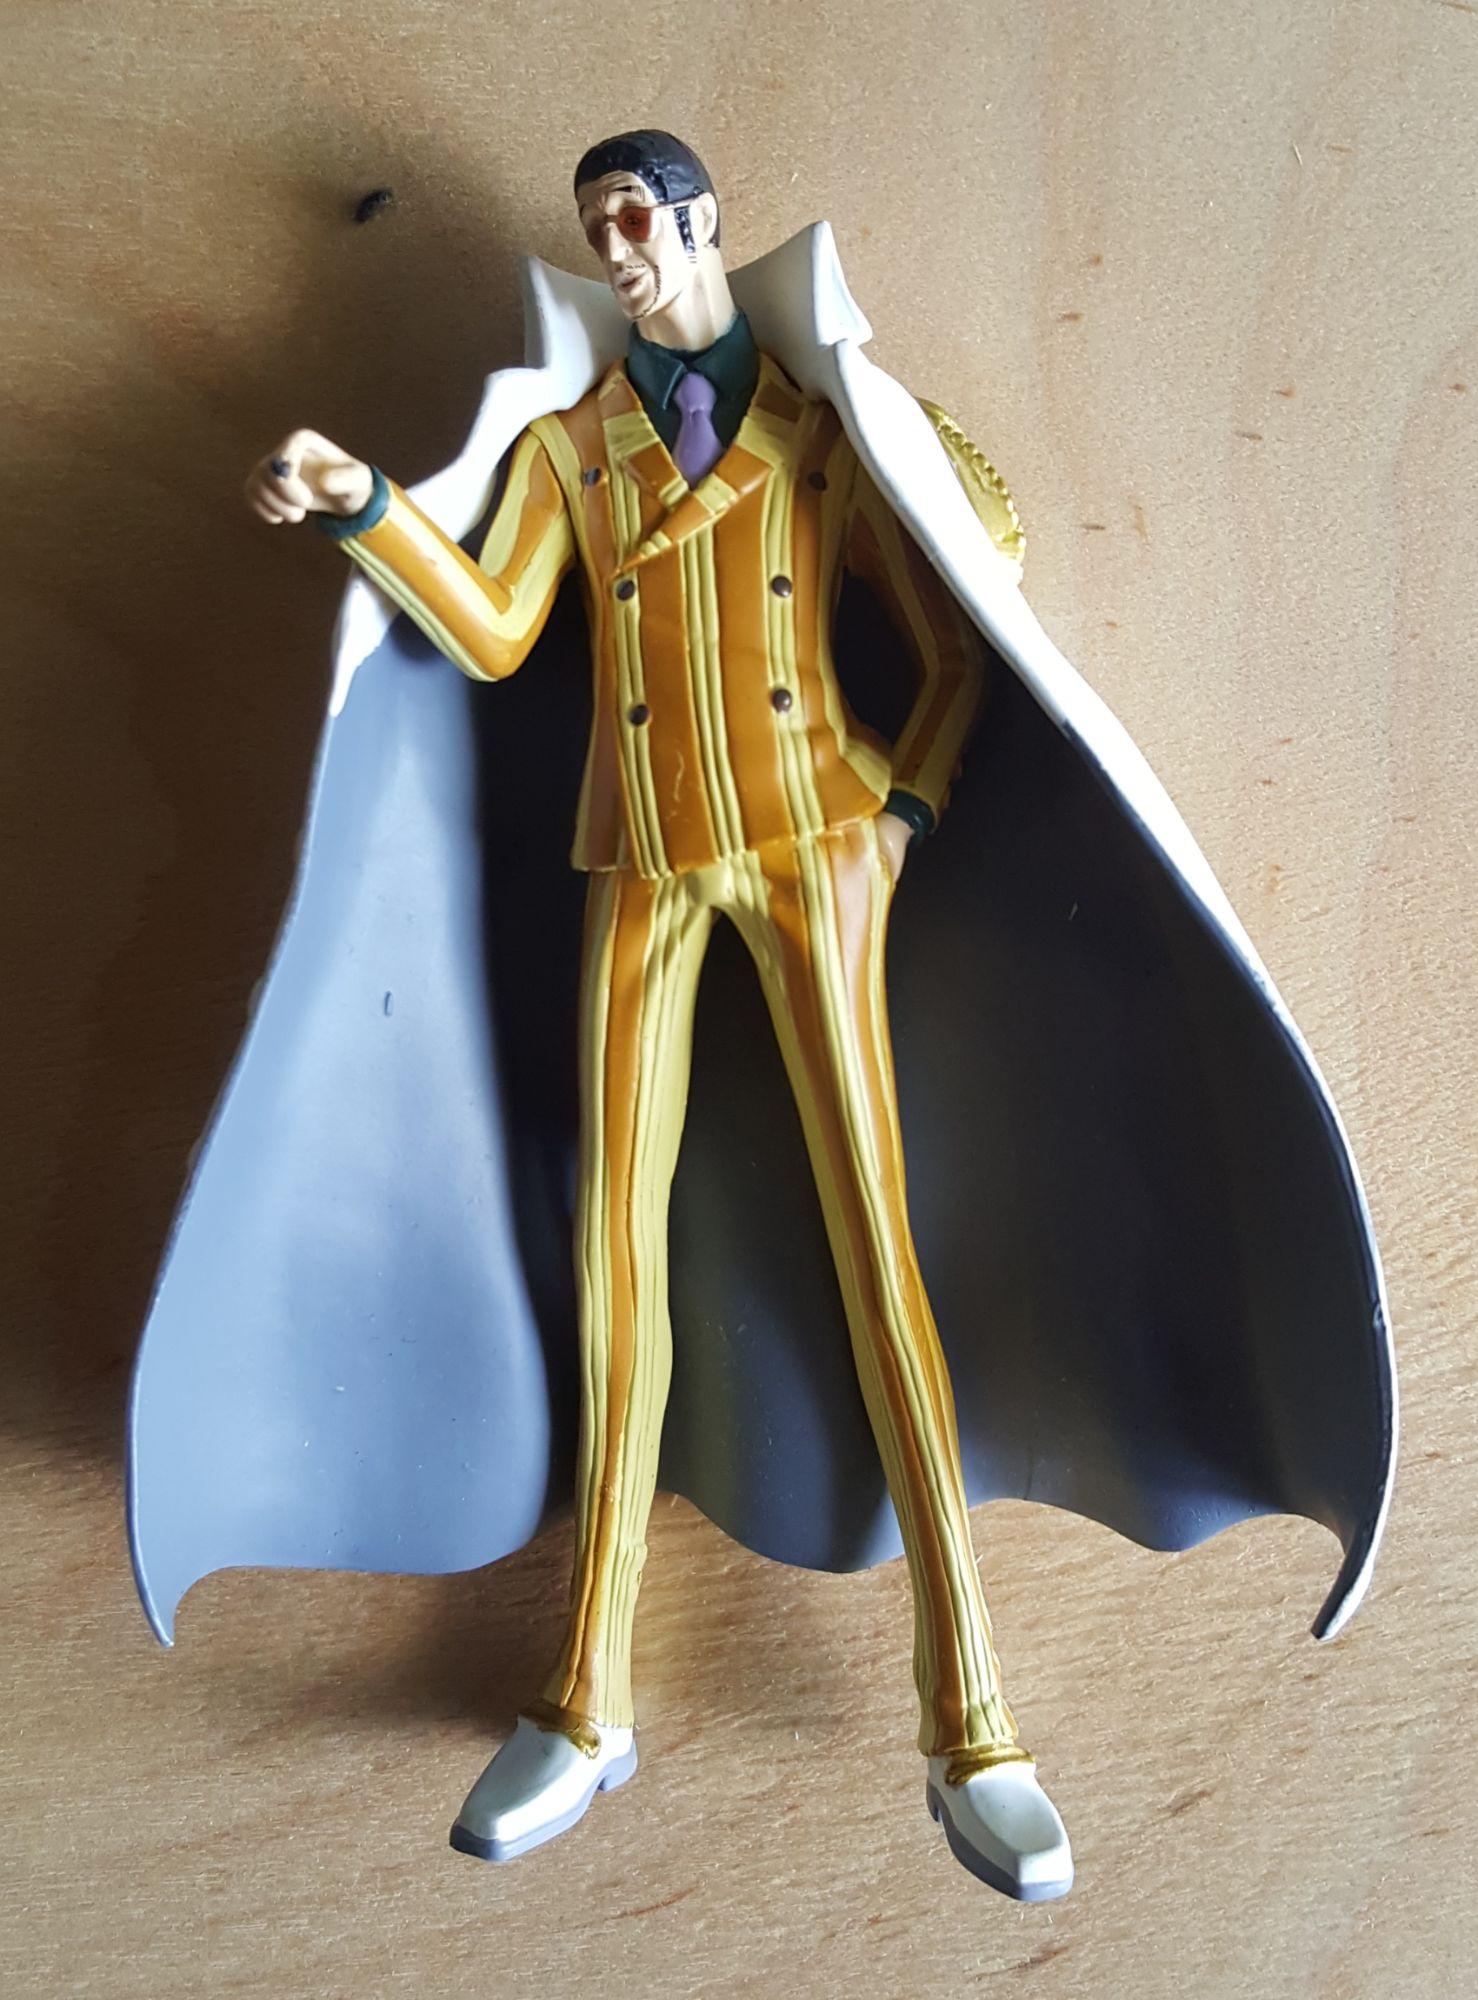 amiral borsalino dit kazaru figurine one pièce collection hachette n27 neuf